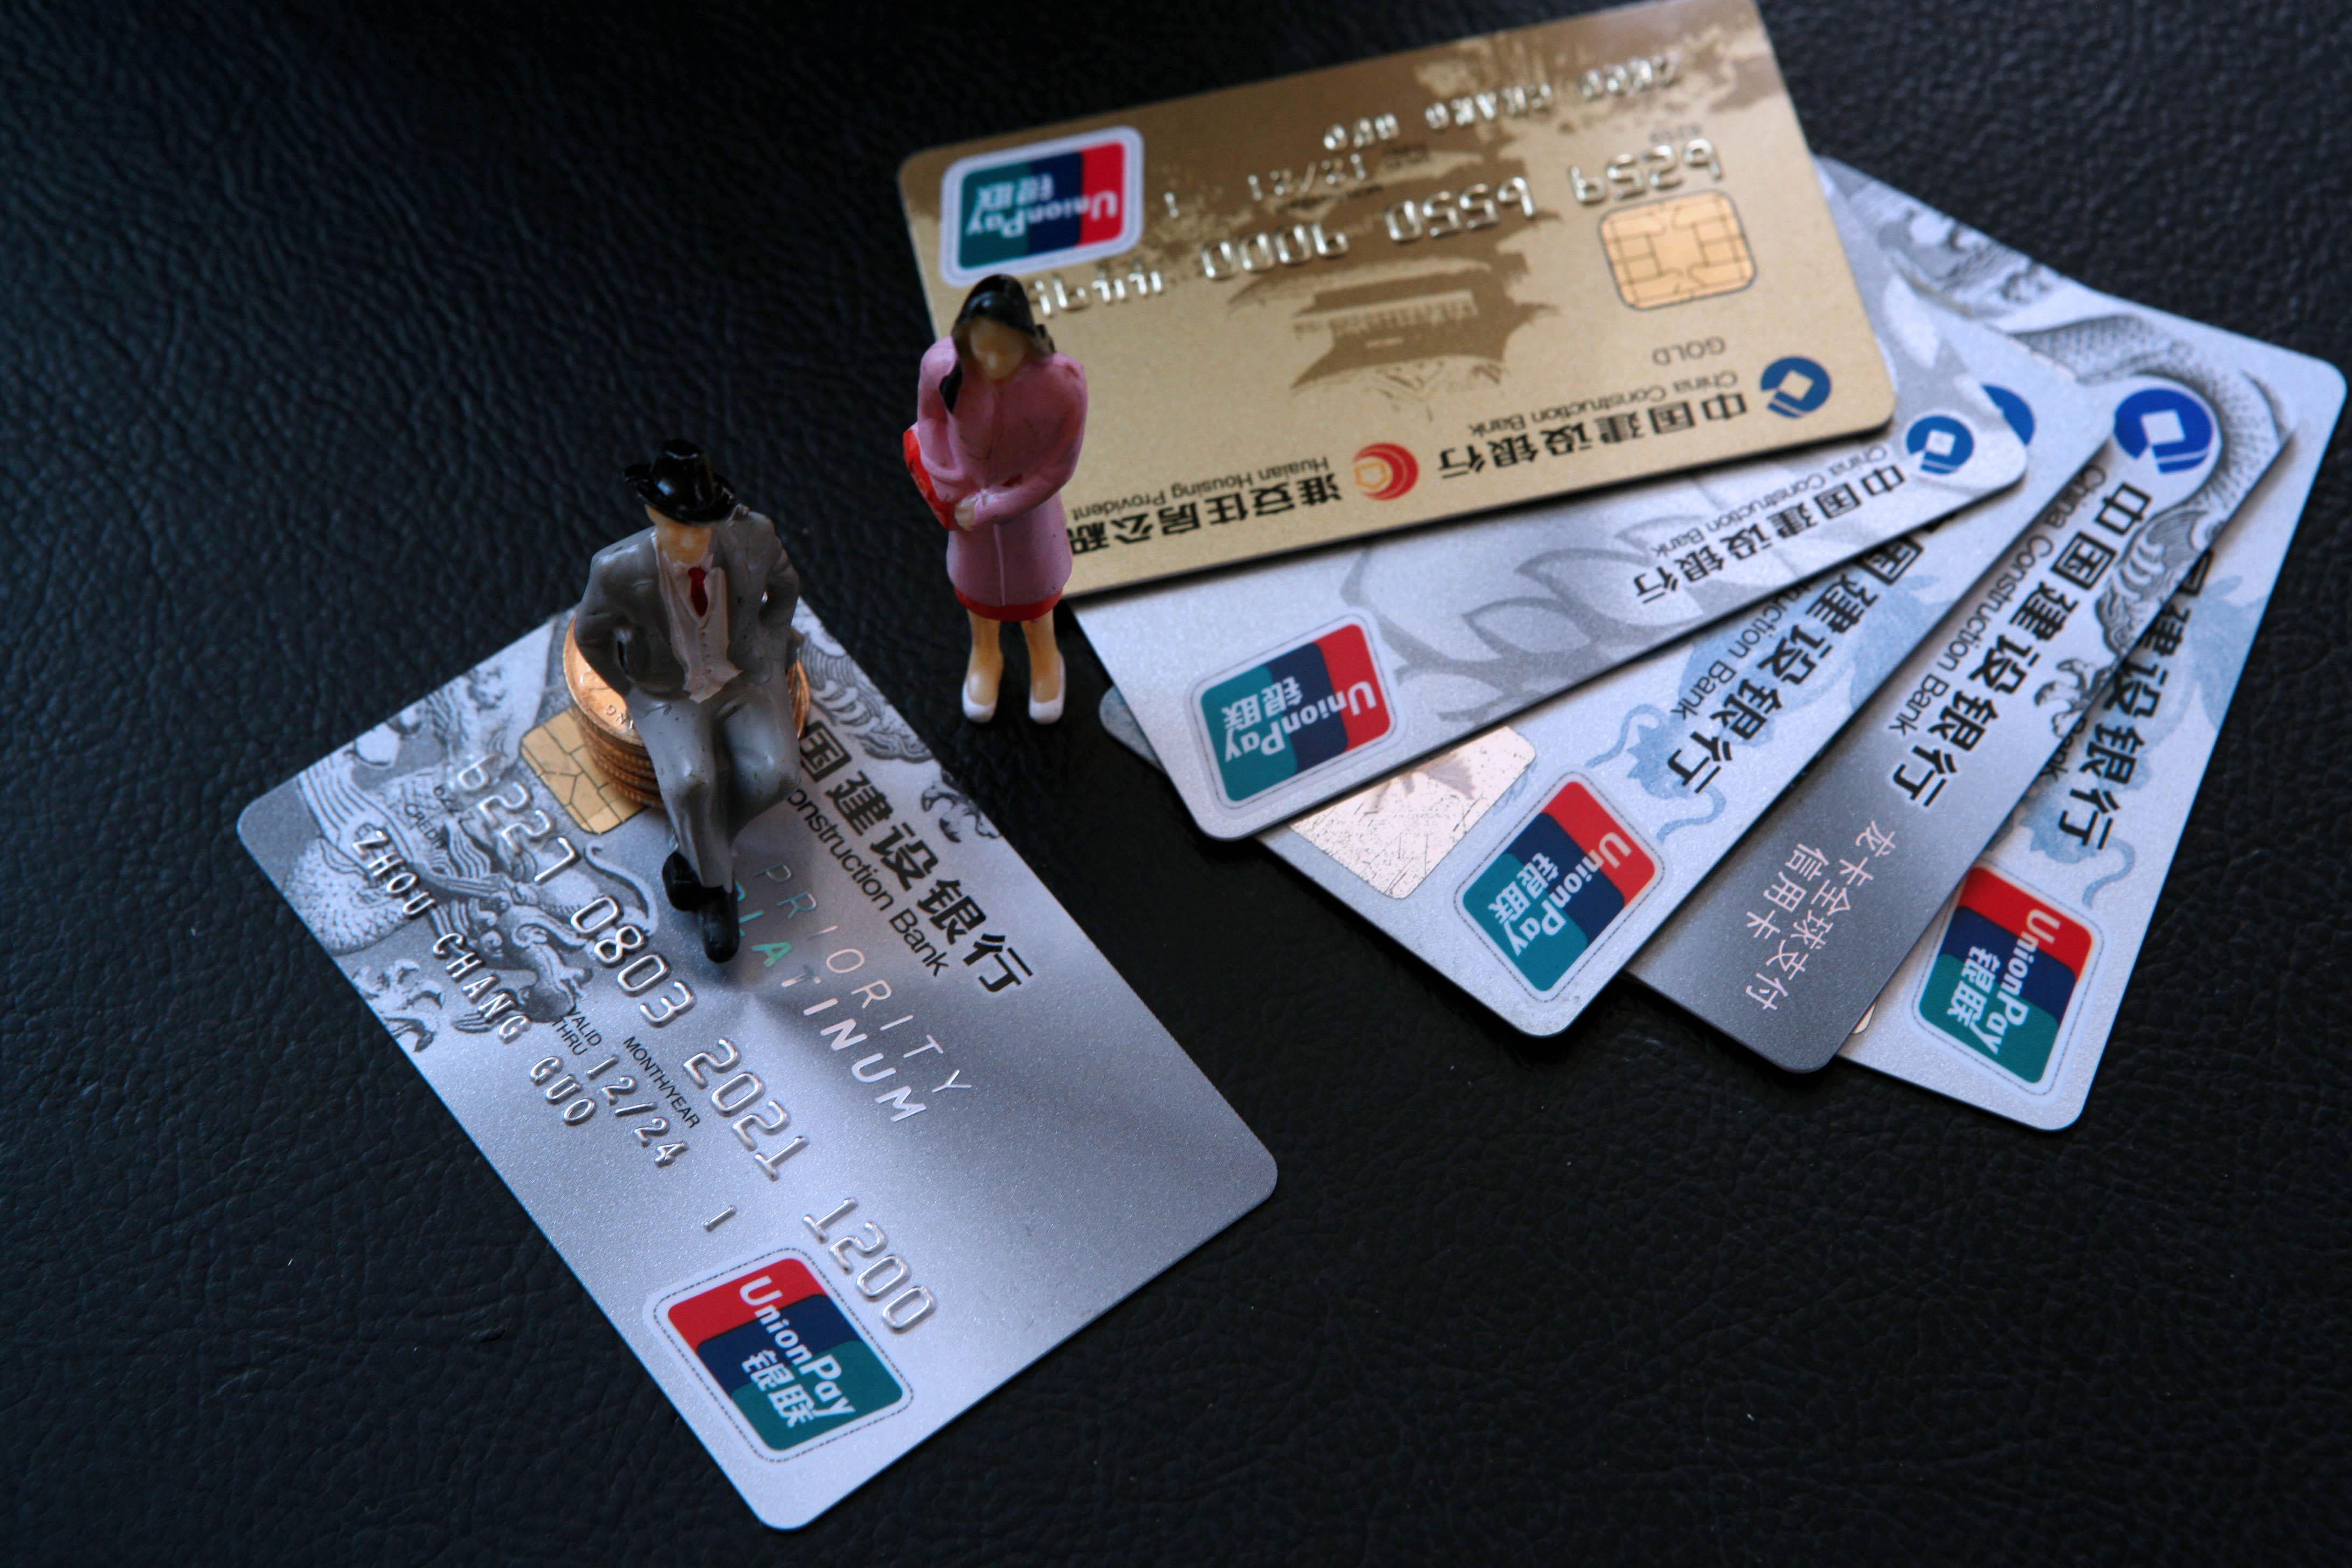 2019最值得养的信用卡有哪些,第4张你有吗?